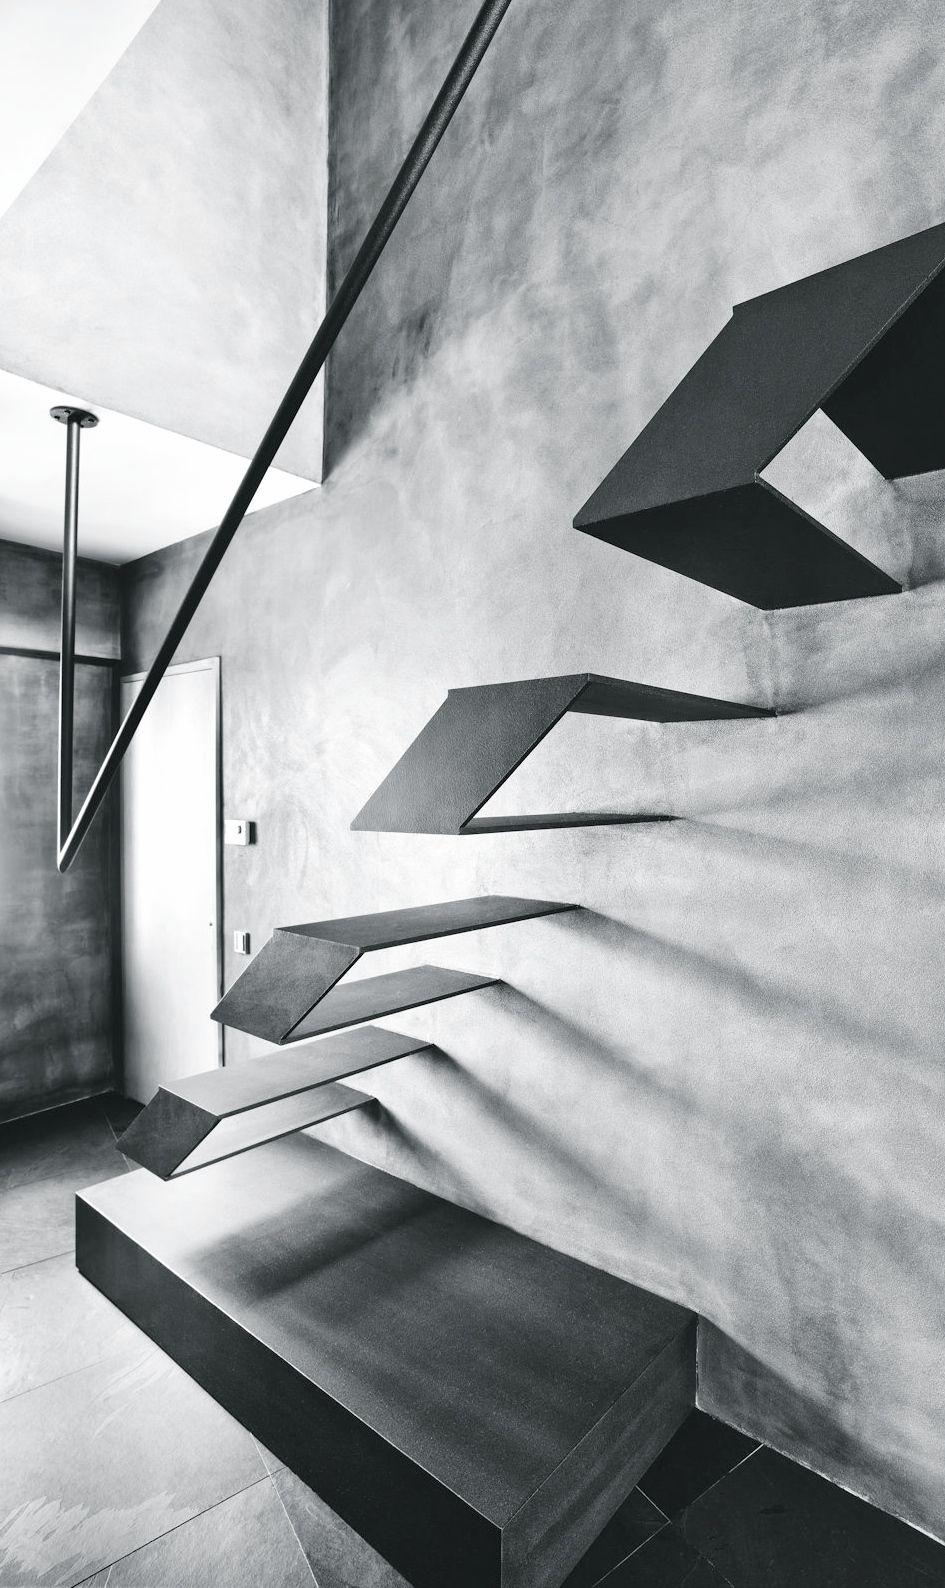 innenarchitektur industriellen stil karakoy loft, schwebende treppen | treppen-vielfalt | pinterest | innenarchitektur, Design ideen